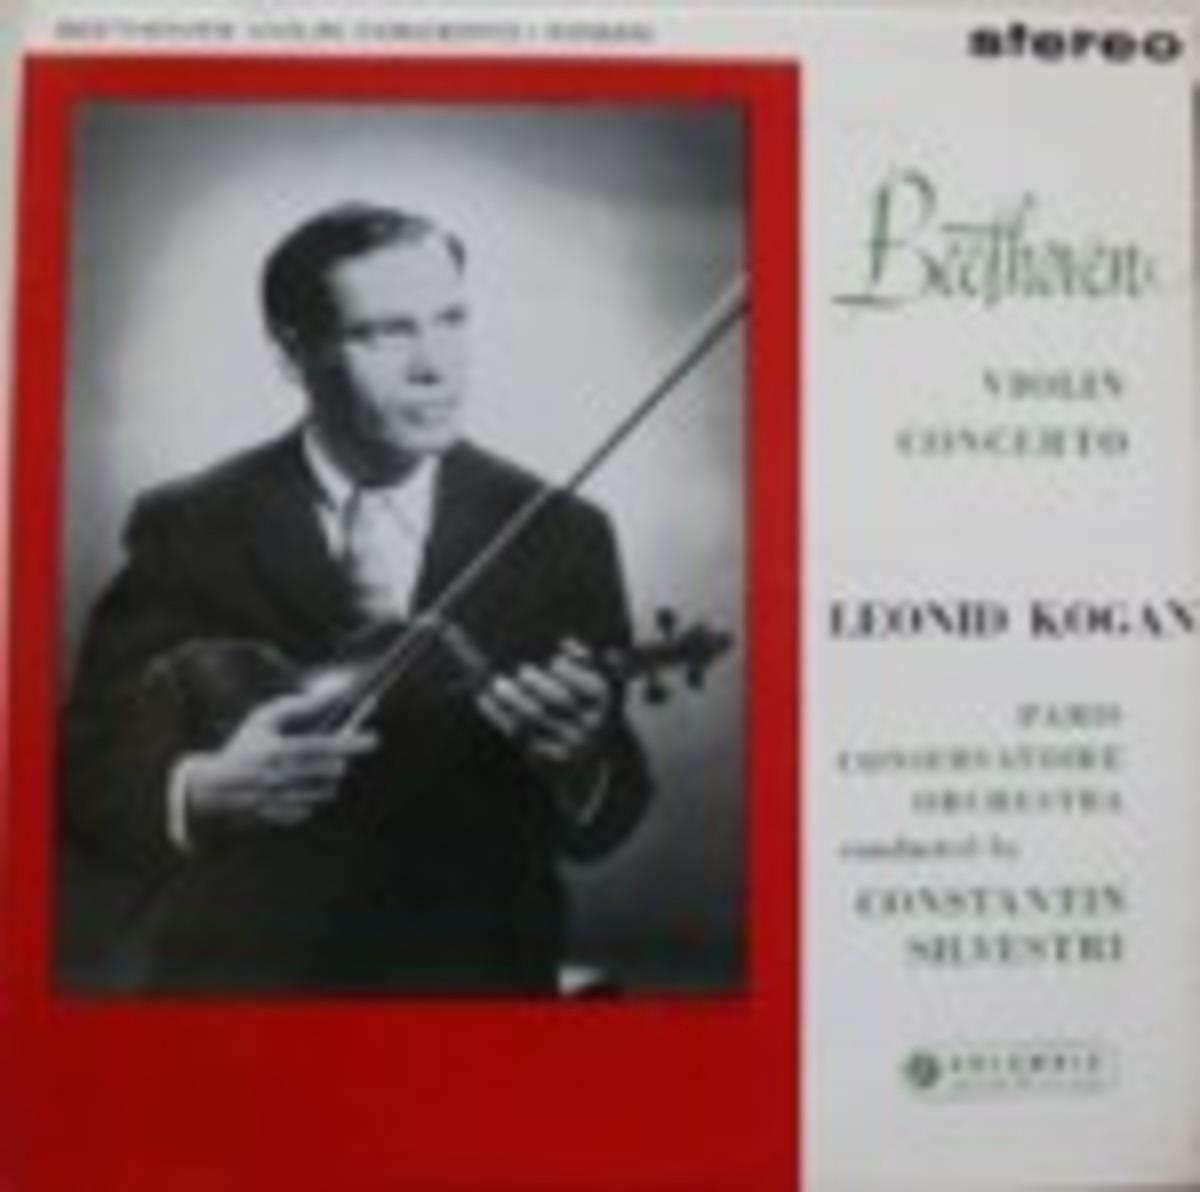 Leonid Kogen Beethoven Violine Concerto SAX 2386